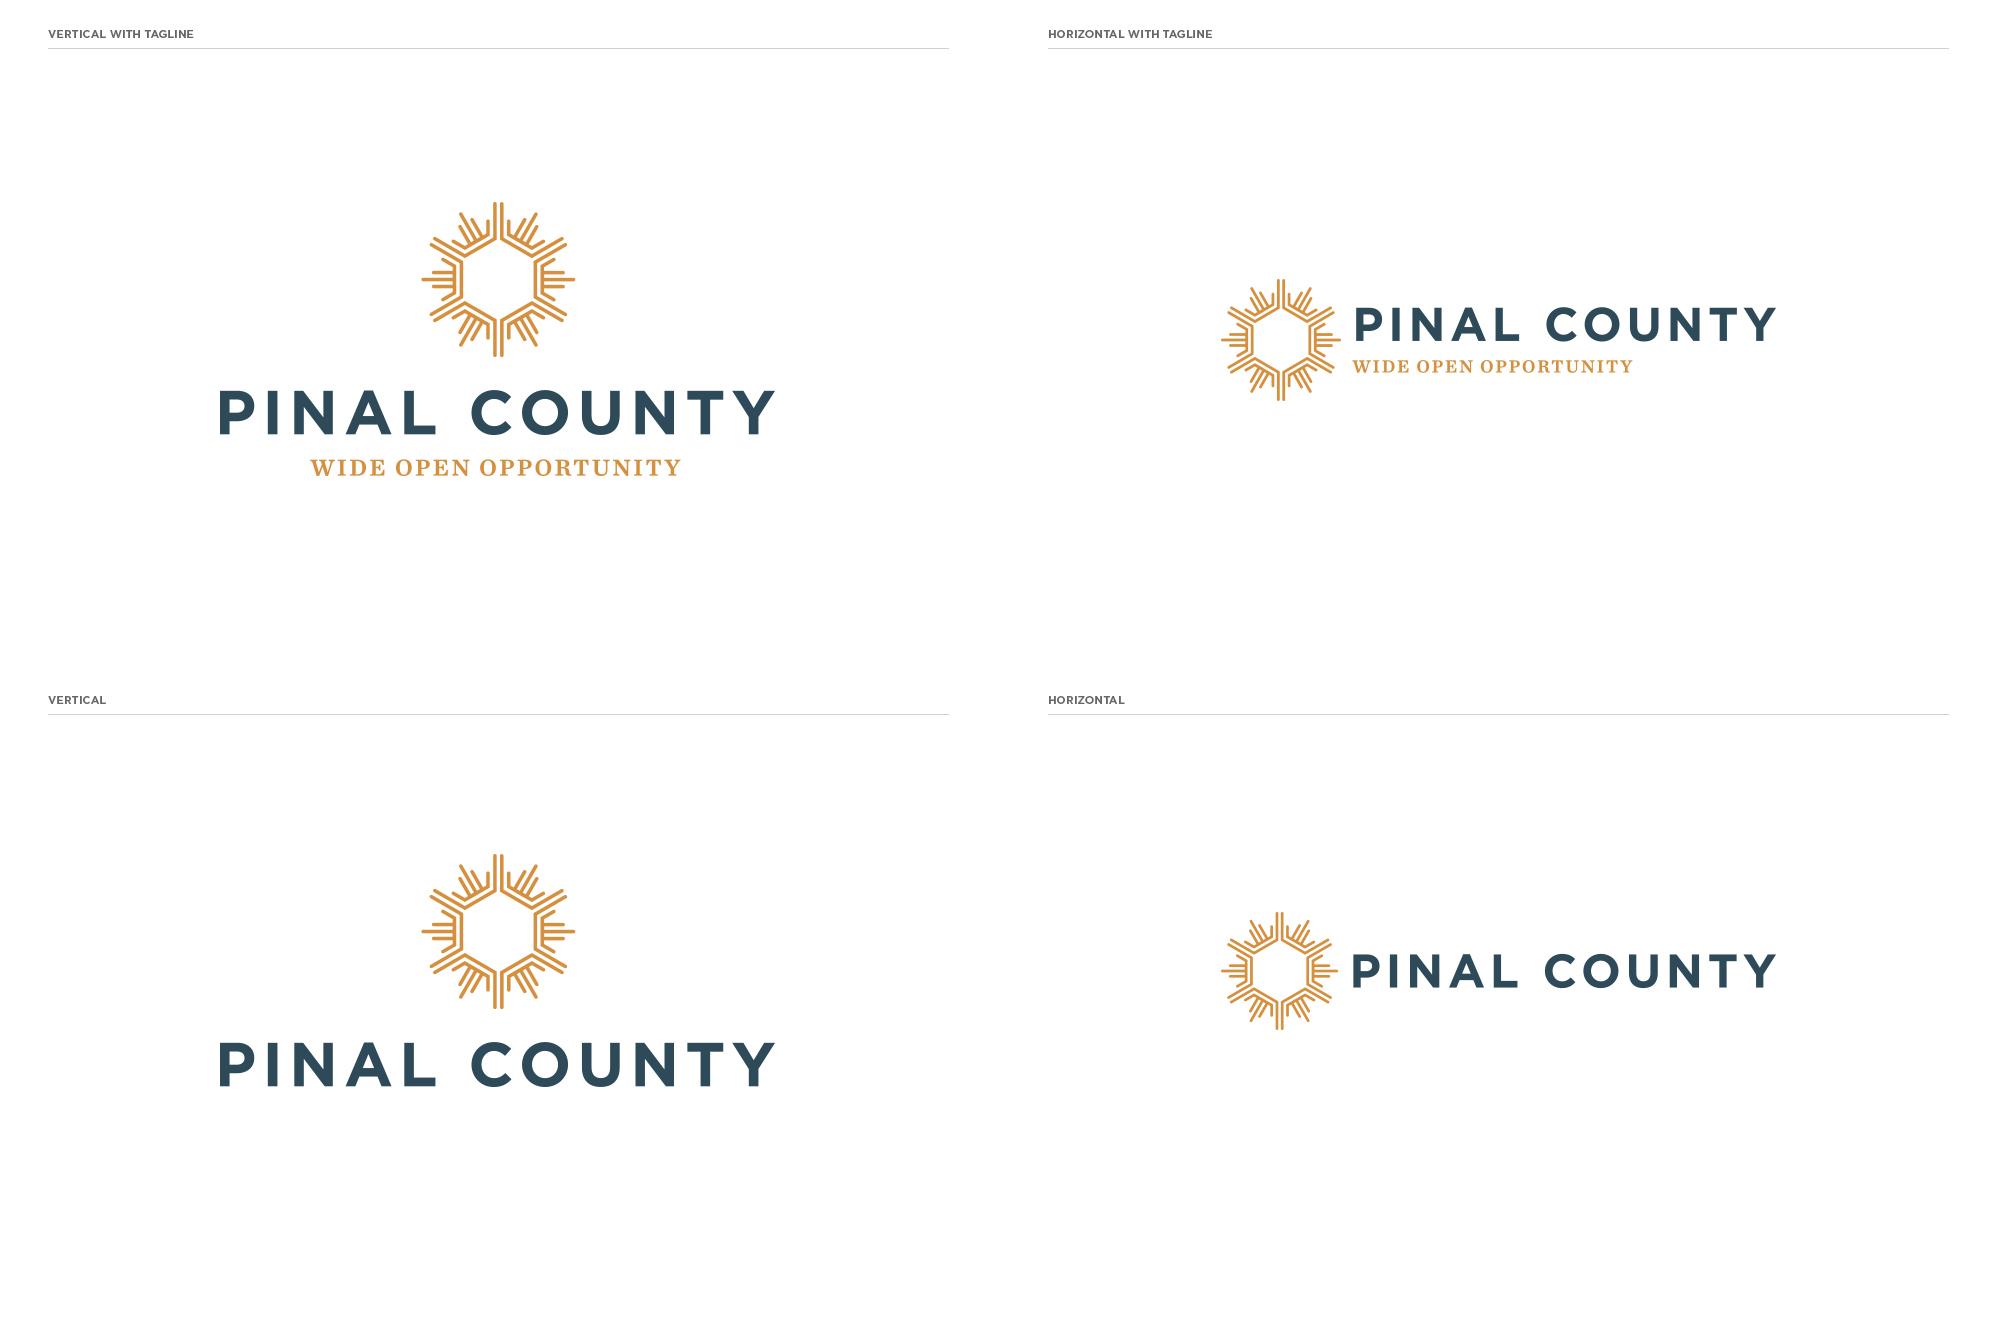 Pinal County logos